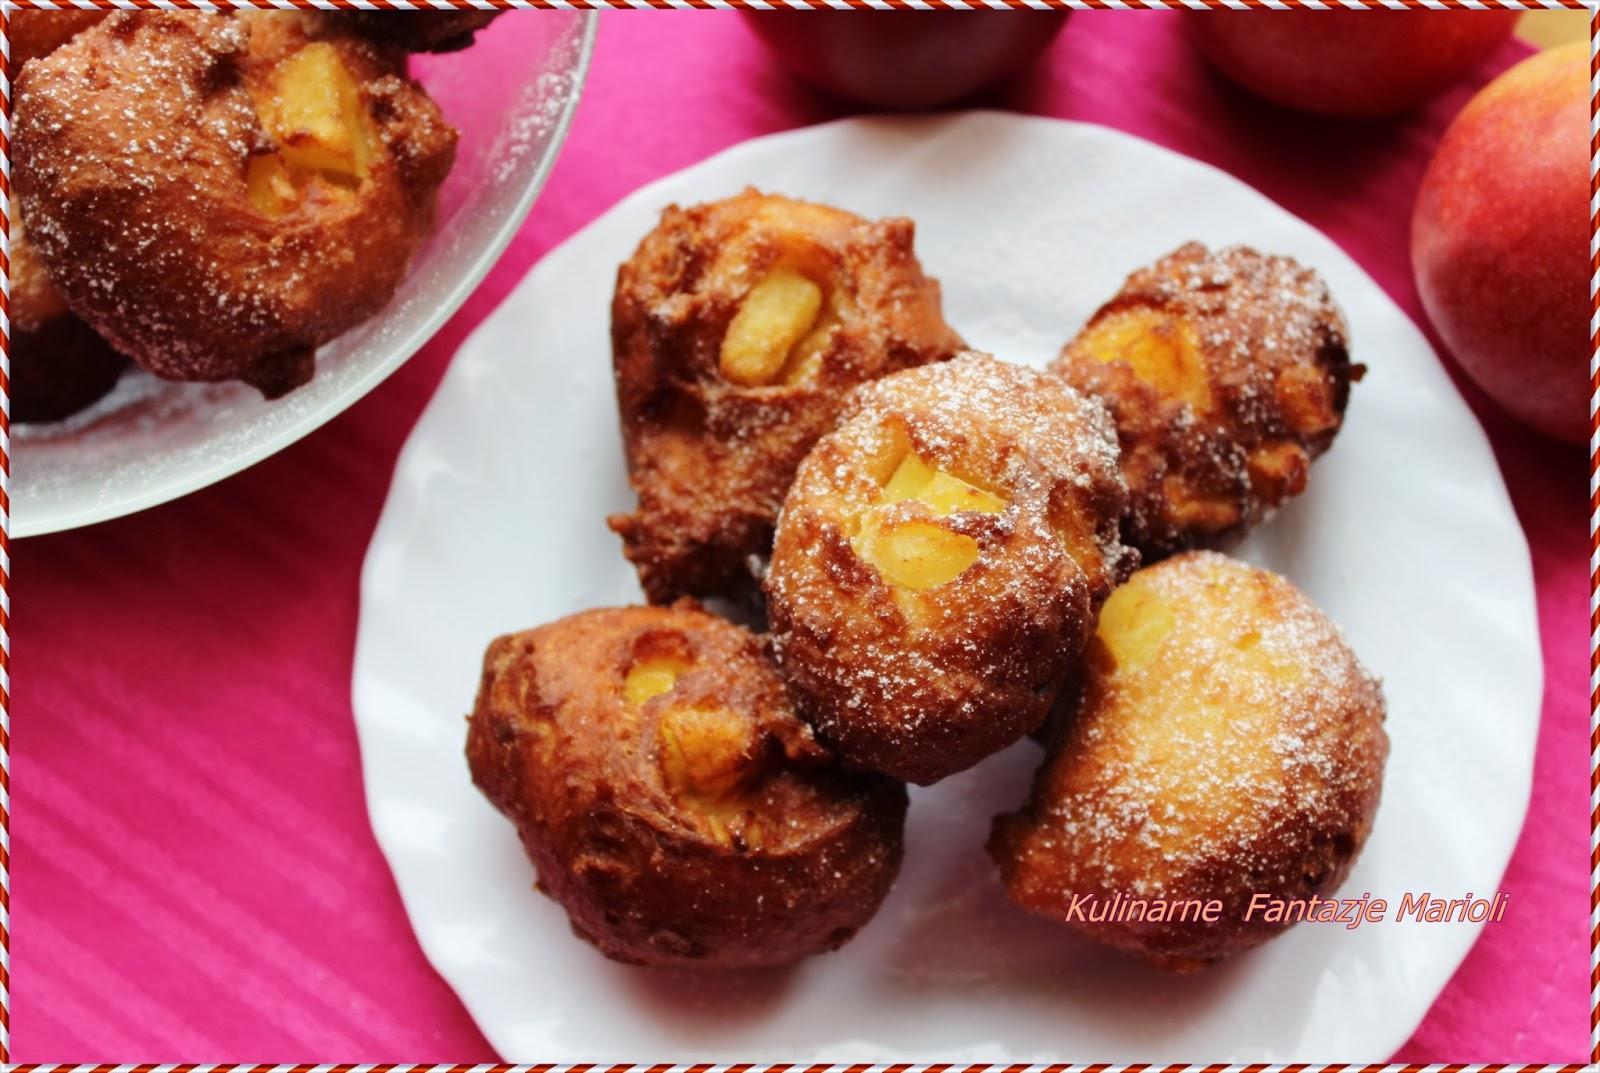 Szybkie Pączki Z Jabłkami Kulinarne Fantazje Marioli